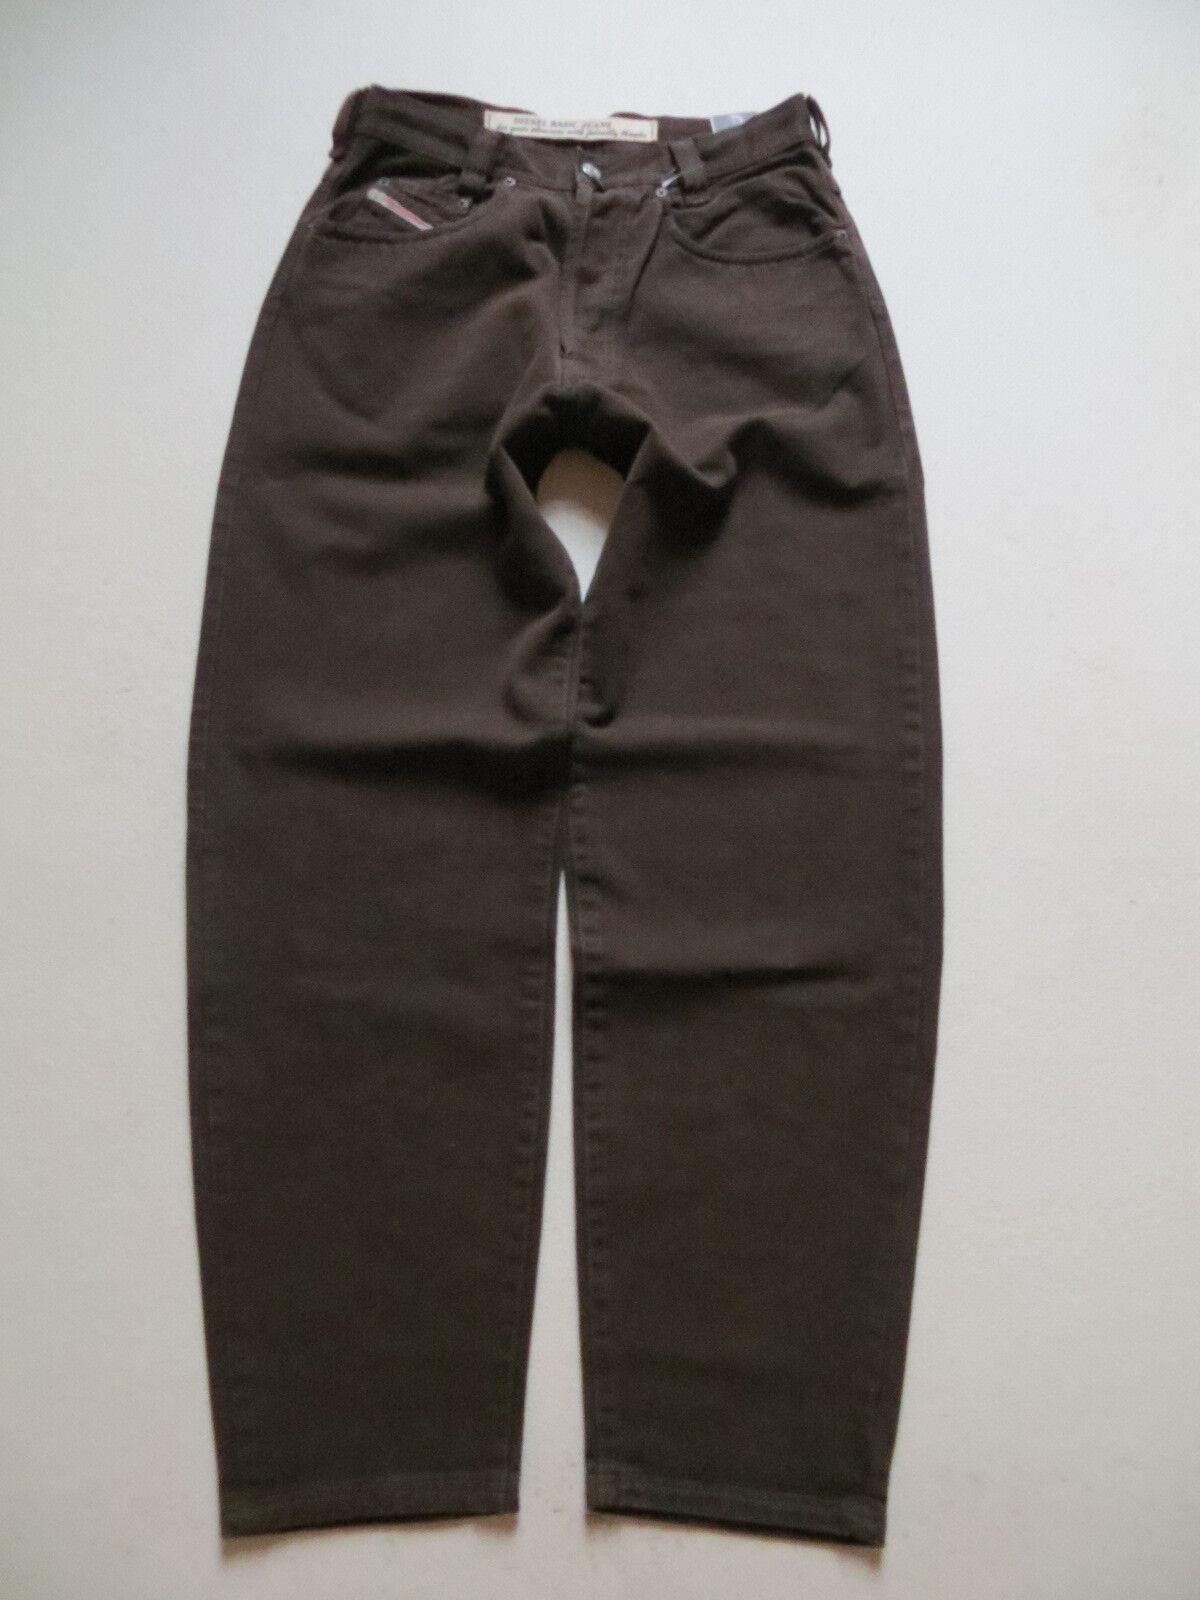 Diesel Saddle Jeans Hose W 30  L 32, NEU   Kupfer Sattel, weiter Oberschenkel